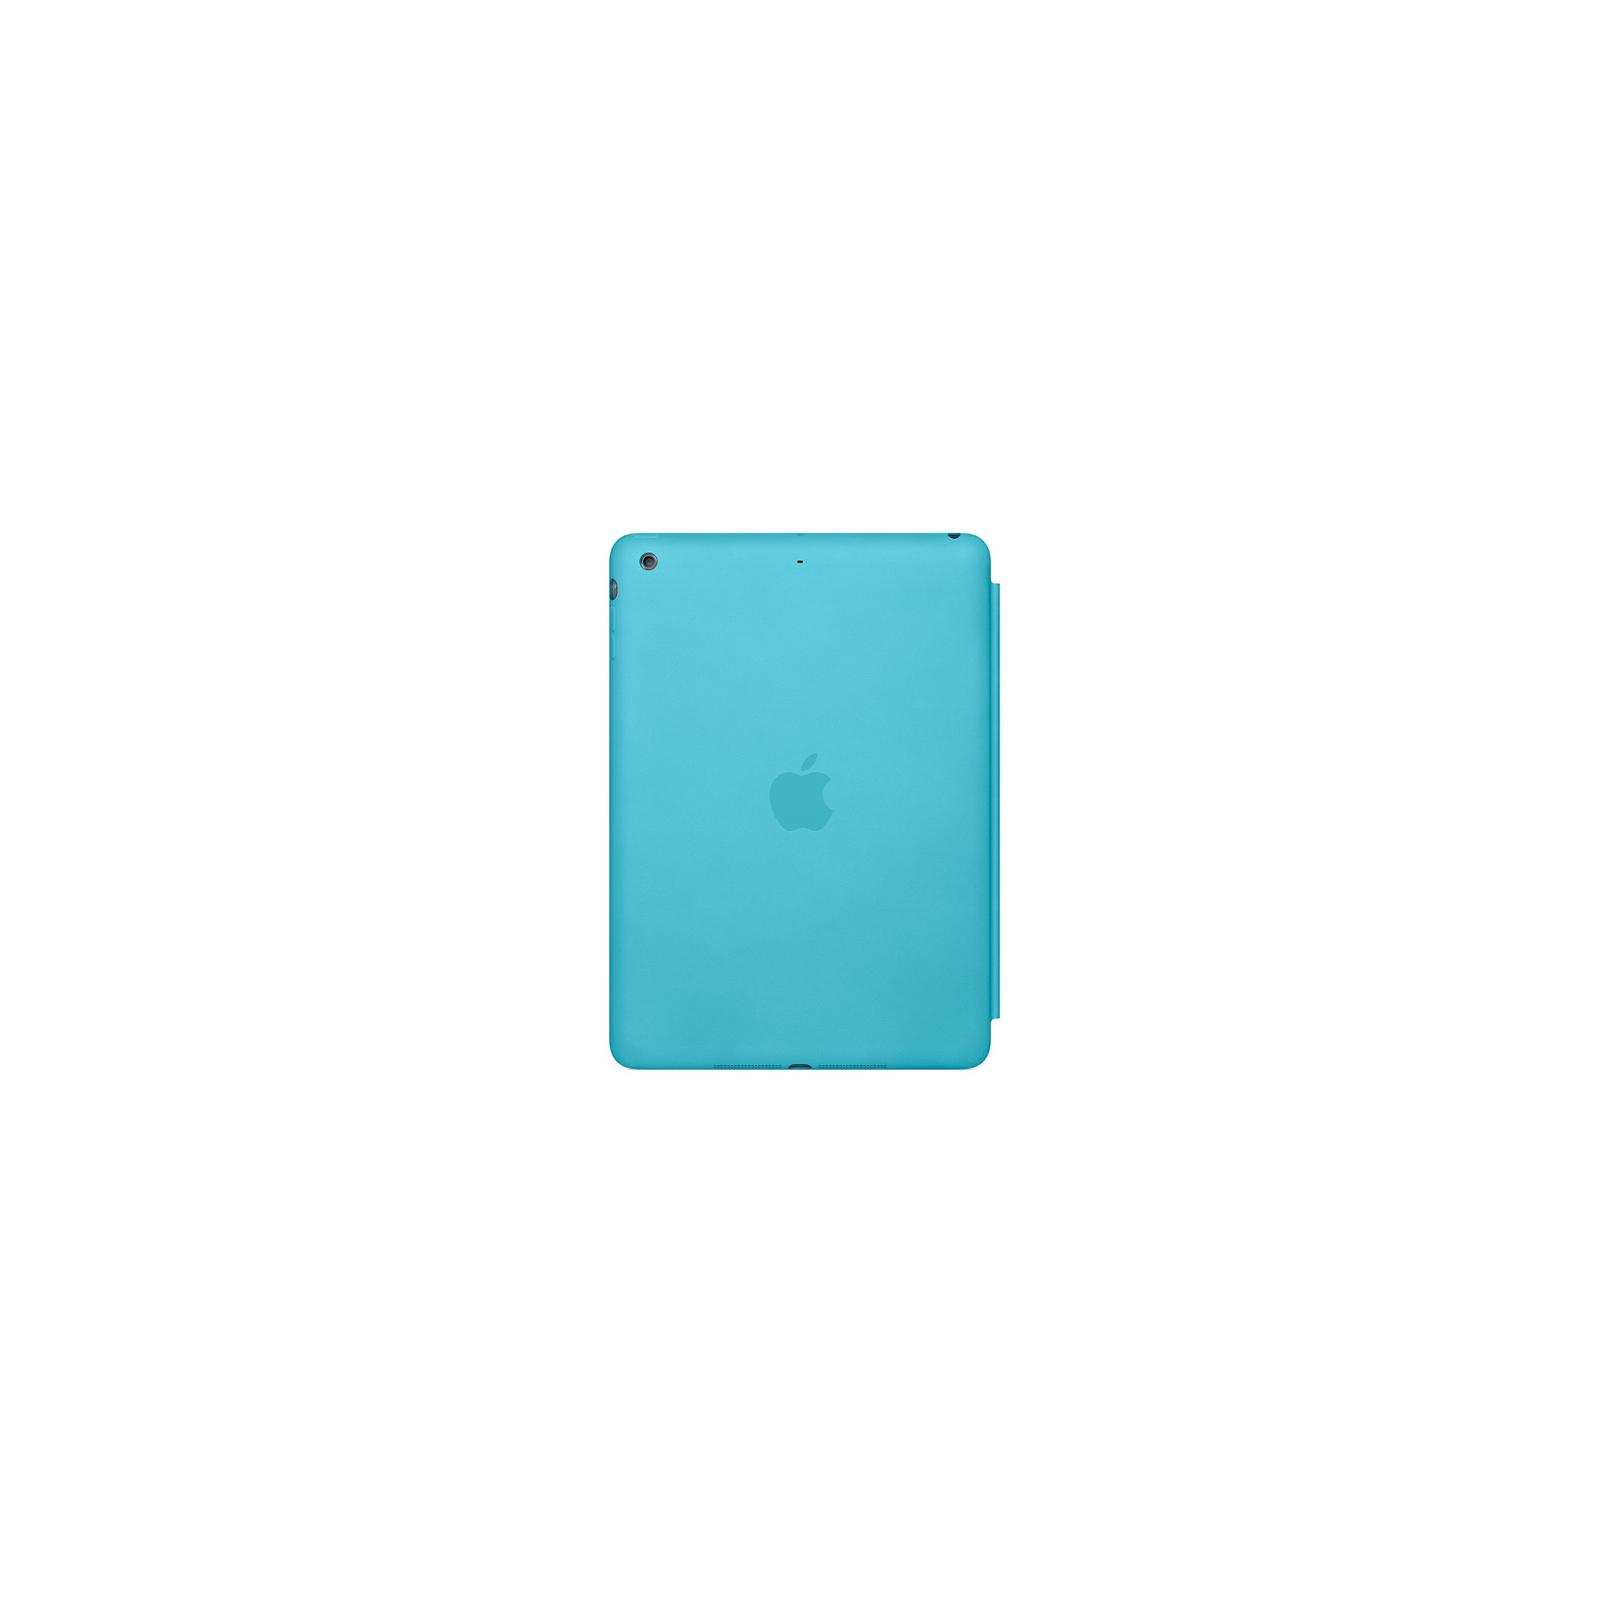 Чехол для планшета Apple Smart Case для iPad Air (blue) (MF050ZM/A) изображение 7